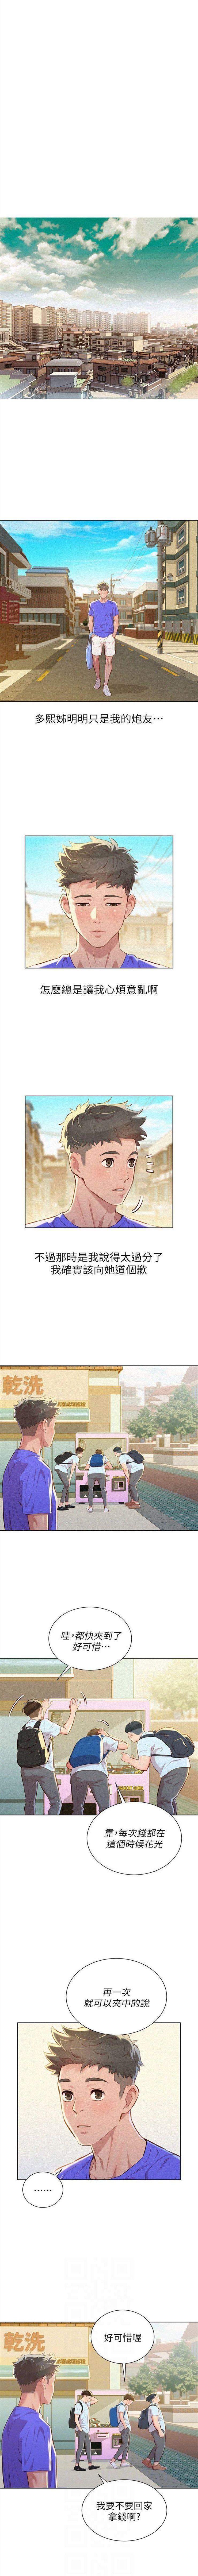 (周7)漂亮干姐姐  1-81 中文翻译 (更新中) 272